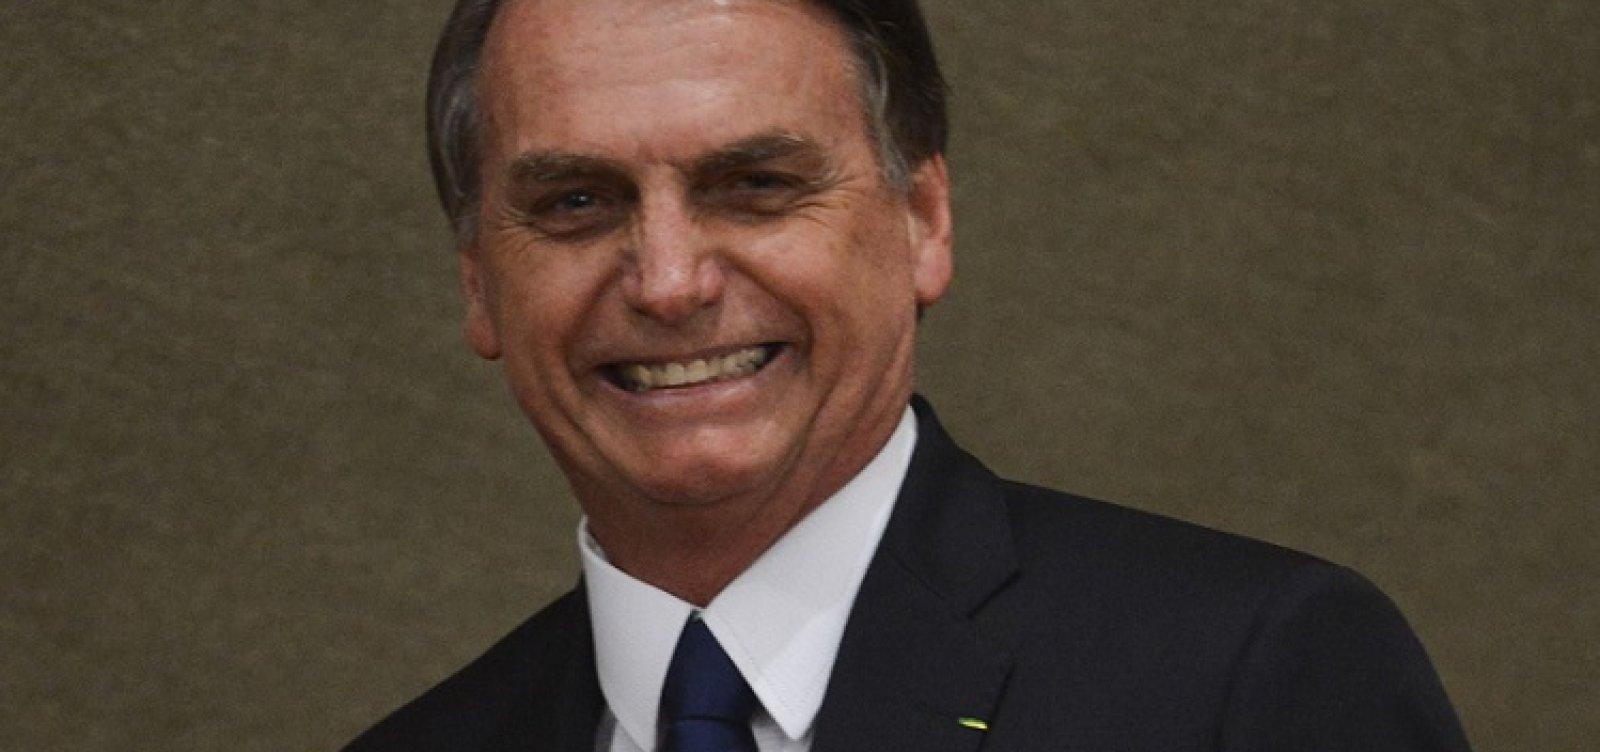 [Bolsonaro apaga publicação que dizia que 'era do indicado sem capacidade técnica acabou']